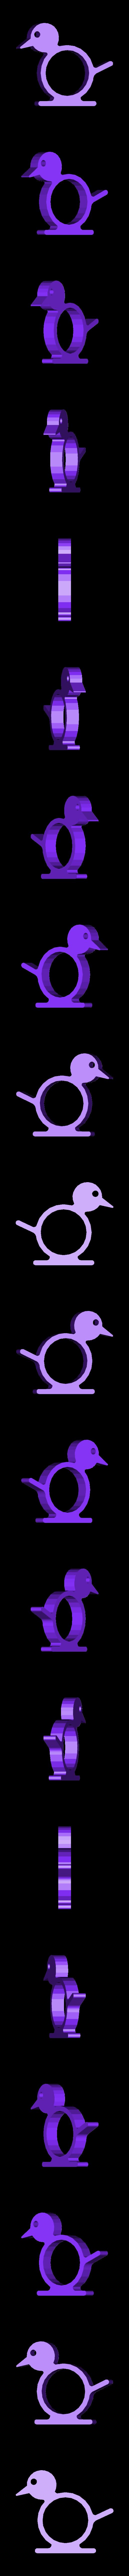 zookins-bird.stl Télécharger fichier STL gratuit Zookins - les animaux ronds de Serviette • Plan à imprimer en 3D, Cults